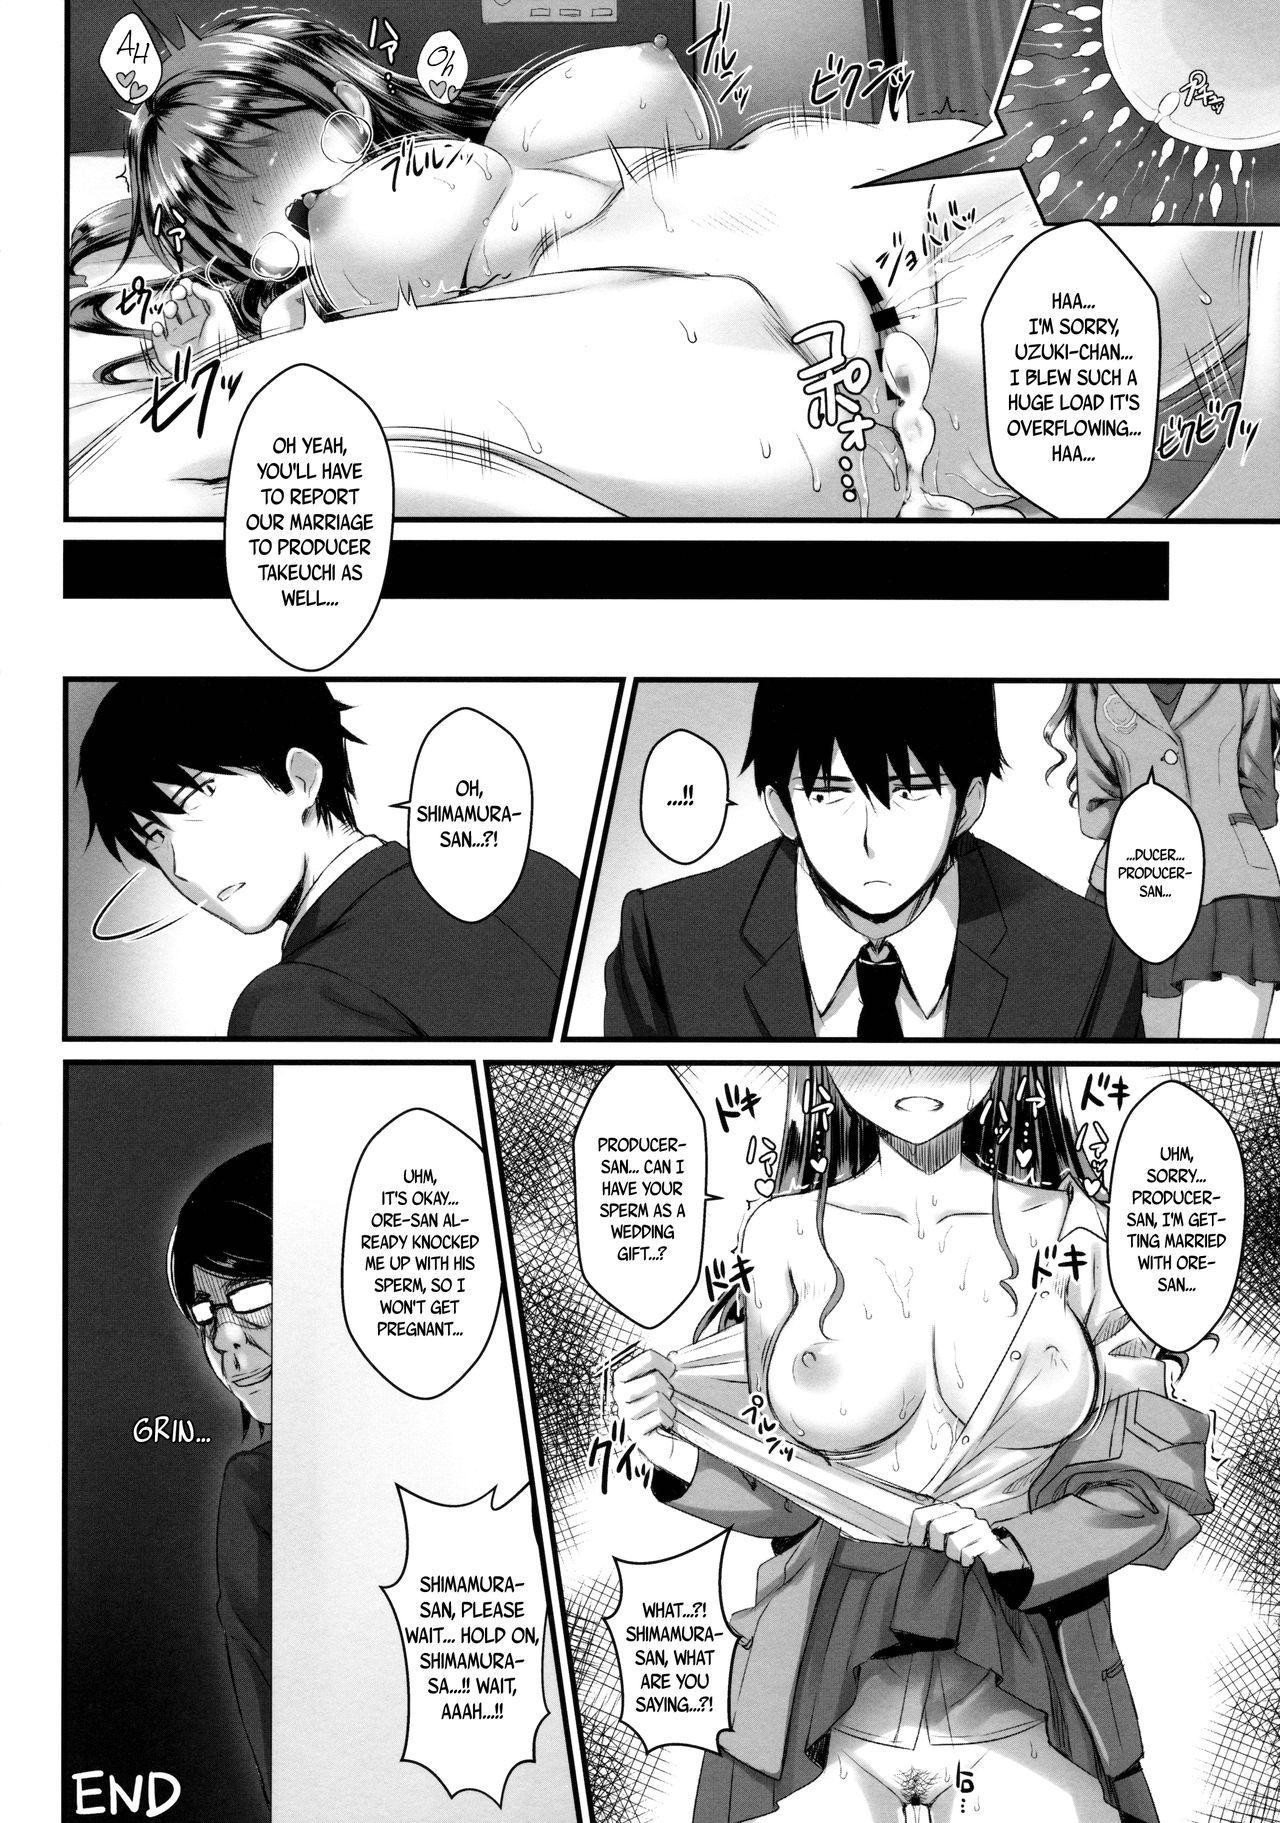 (C88) [Yakiniku Tabetai (Derauea)] Uzuki-chan no Suimin Kaihatsu ~Chiryou to Shoushita Honki no Kozukuri Sex~ | Uzuki-Chan's Sleep Development ~Real Baby-Making Sex Passed off as Treatment~ (THE IDOLM@STER CINDERELLA GIRLS) [English] [B.E.C. Scans] 30